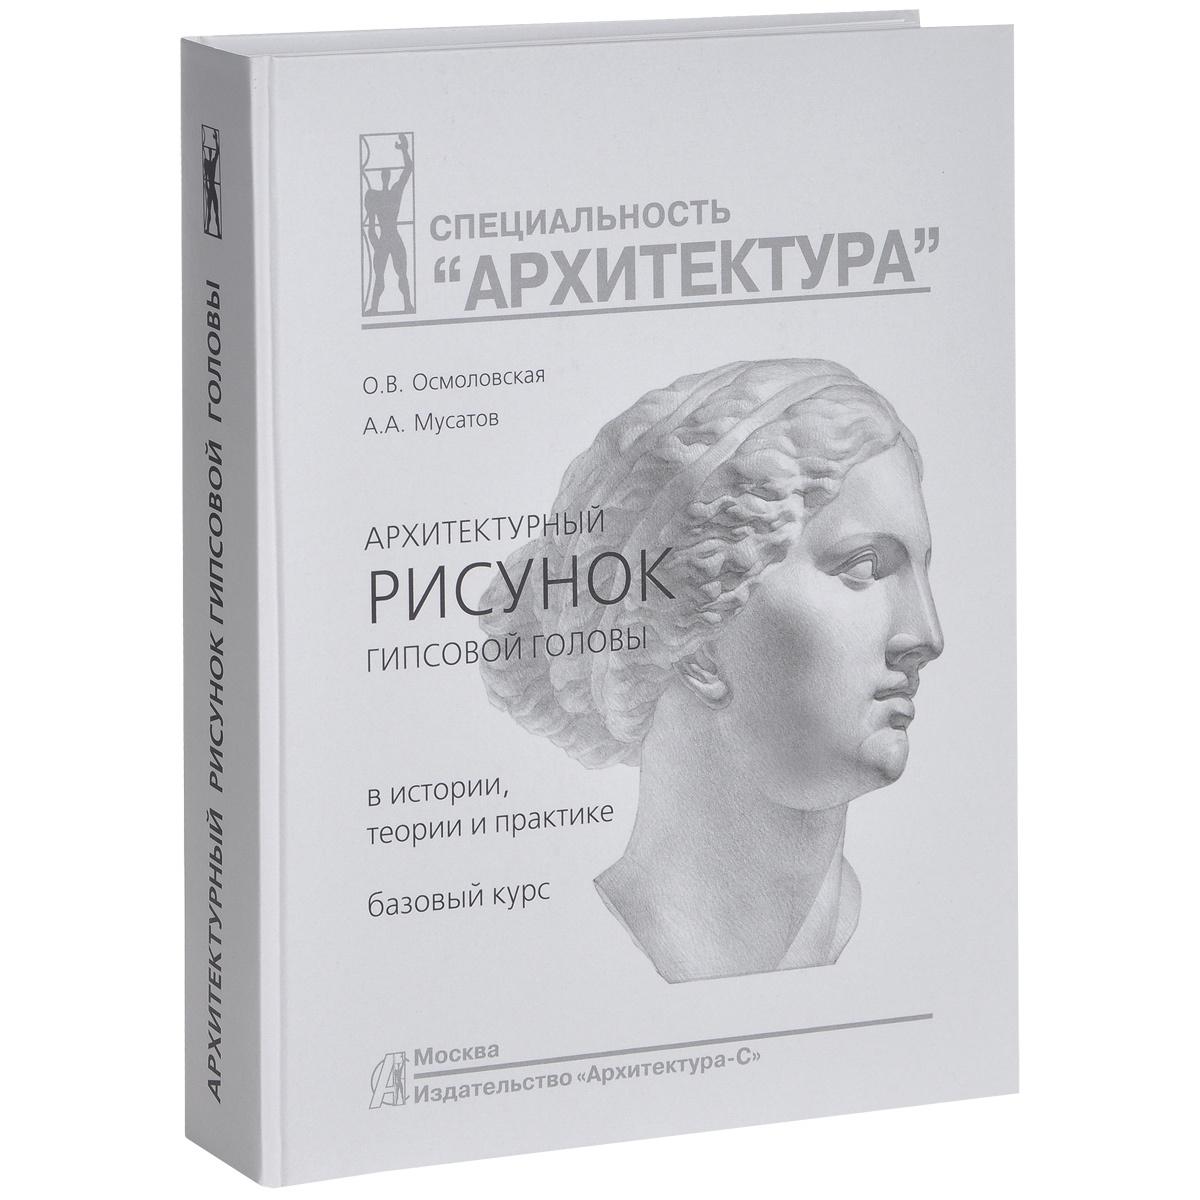 Архитектурный рисунок гипсовой головы. В истории, теории и практике. Базовый курс  #1